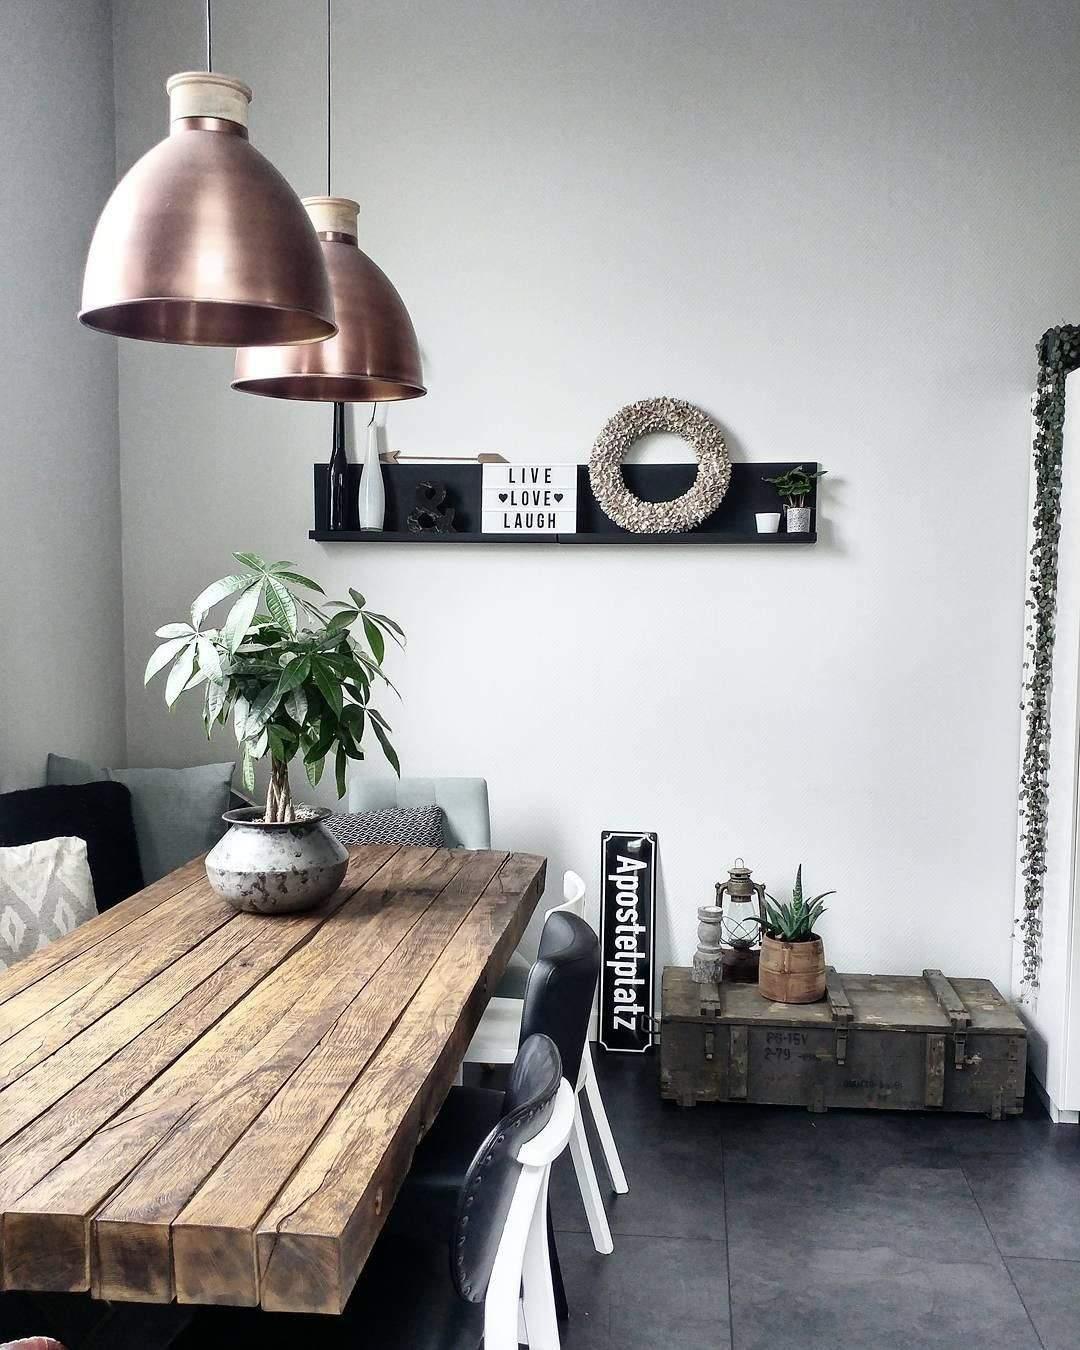 Full Size of Pendelleuchten Wohnzimmer Das Beste Von 29 Hngelampen Wohnzimmer Hängelampen